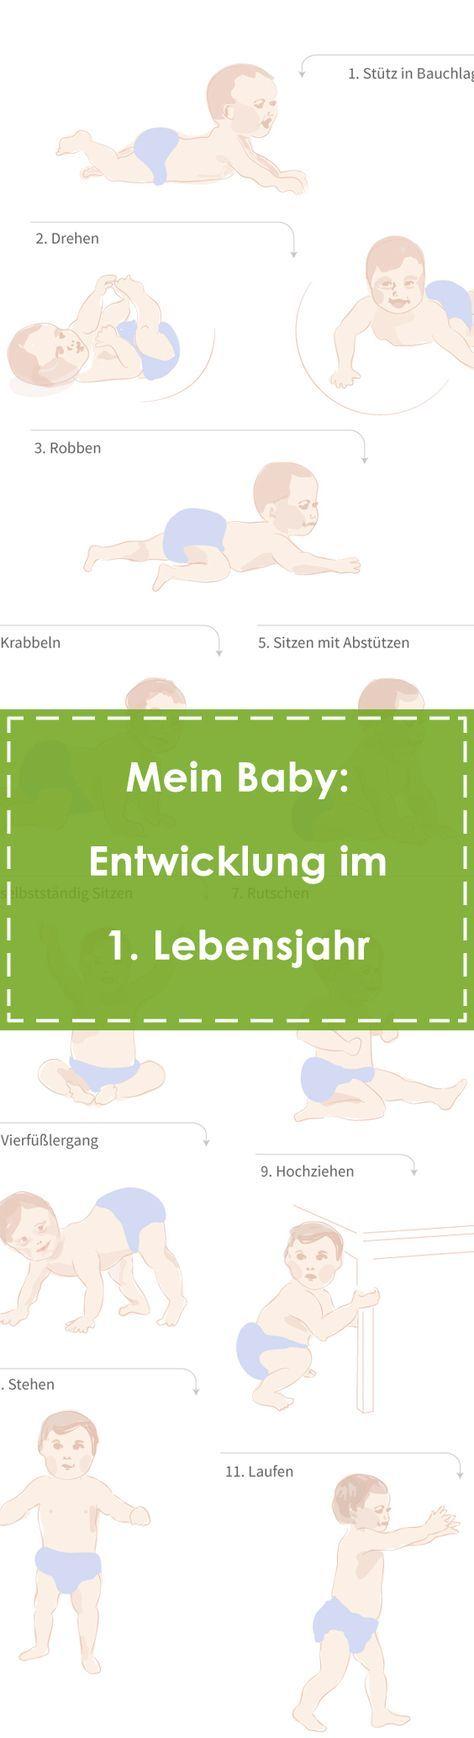 Baby: Entwicklung im 1. Jahr!